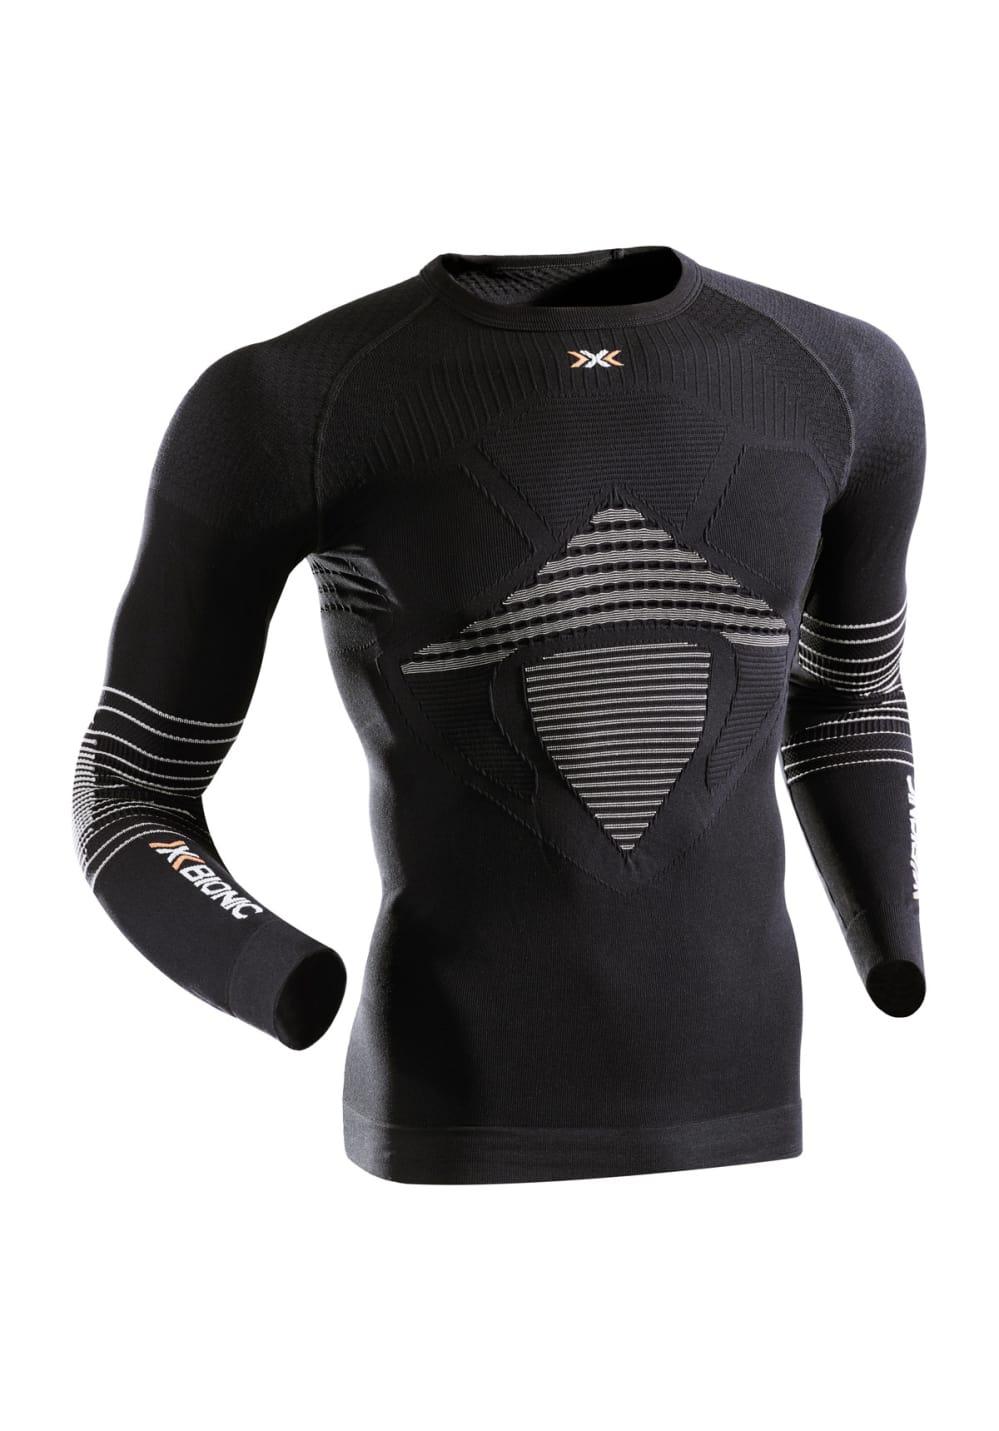 X-Bionic Energizer Evo Shirt Long Sleeve - Funktionsunterwäsche für Herren - S